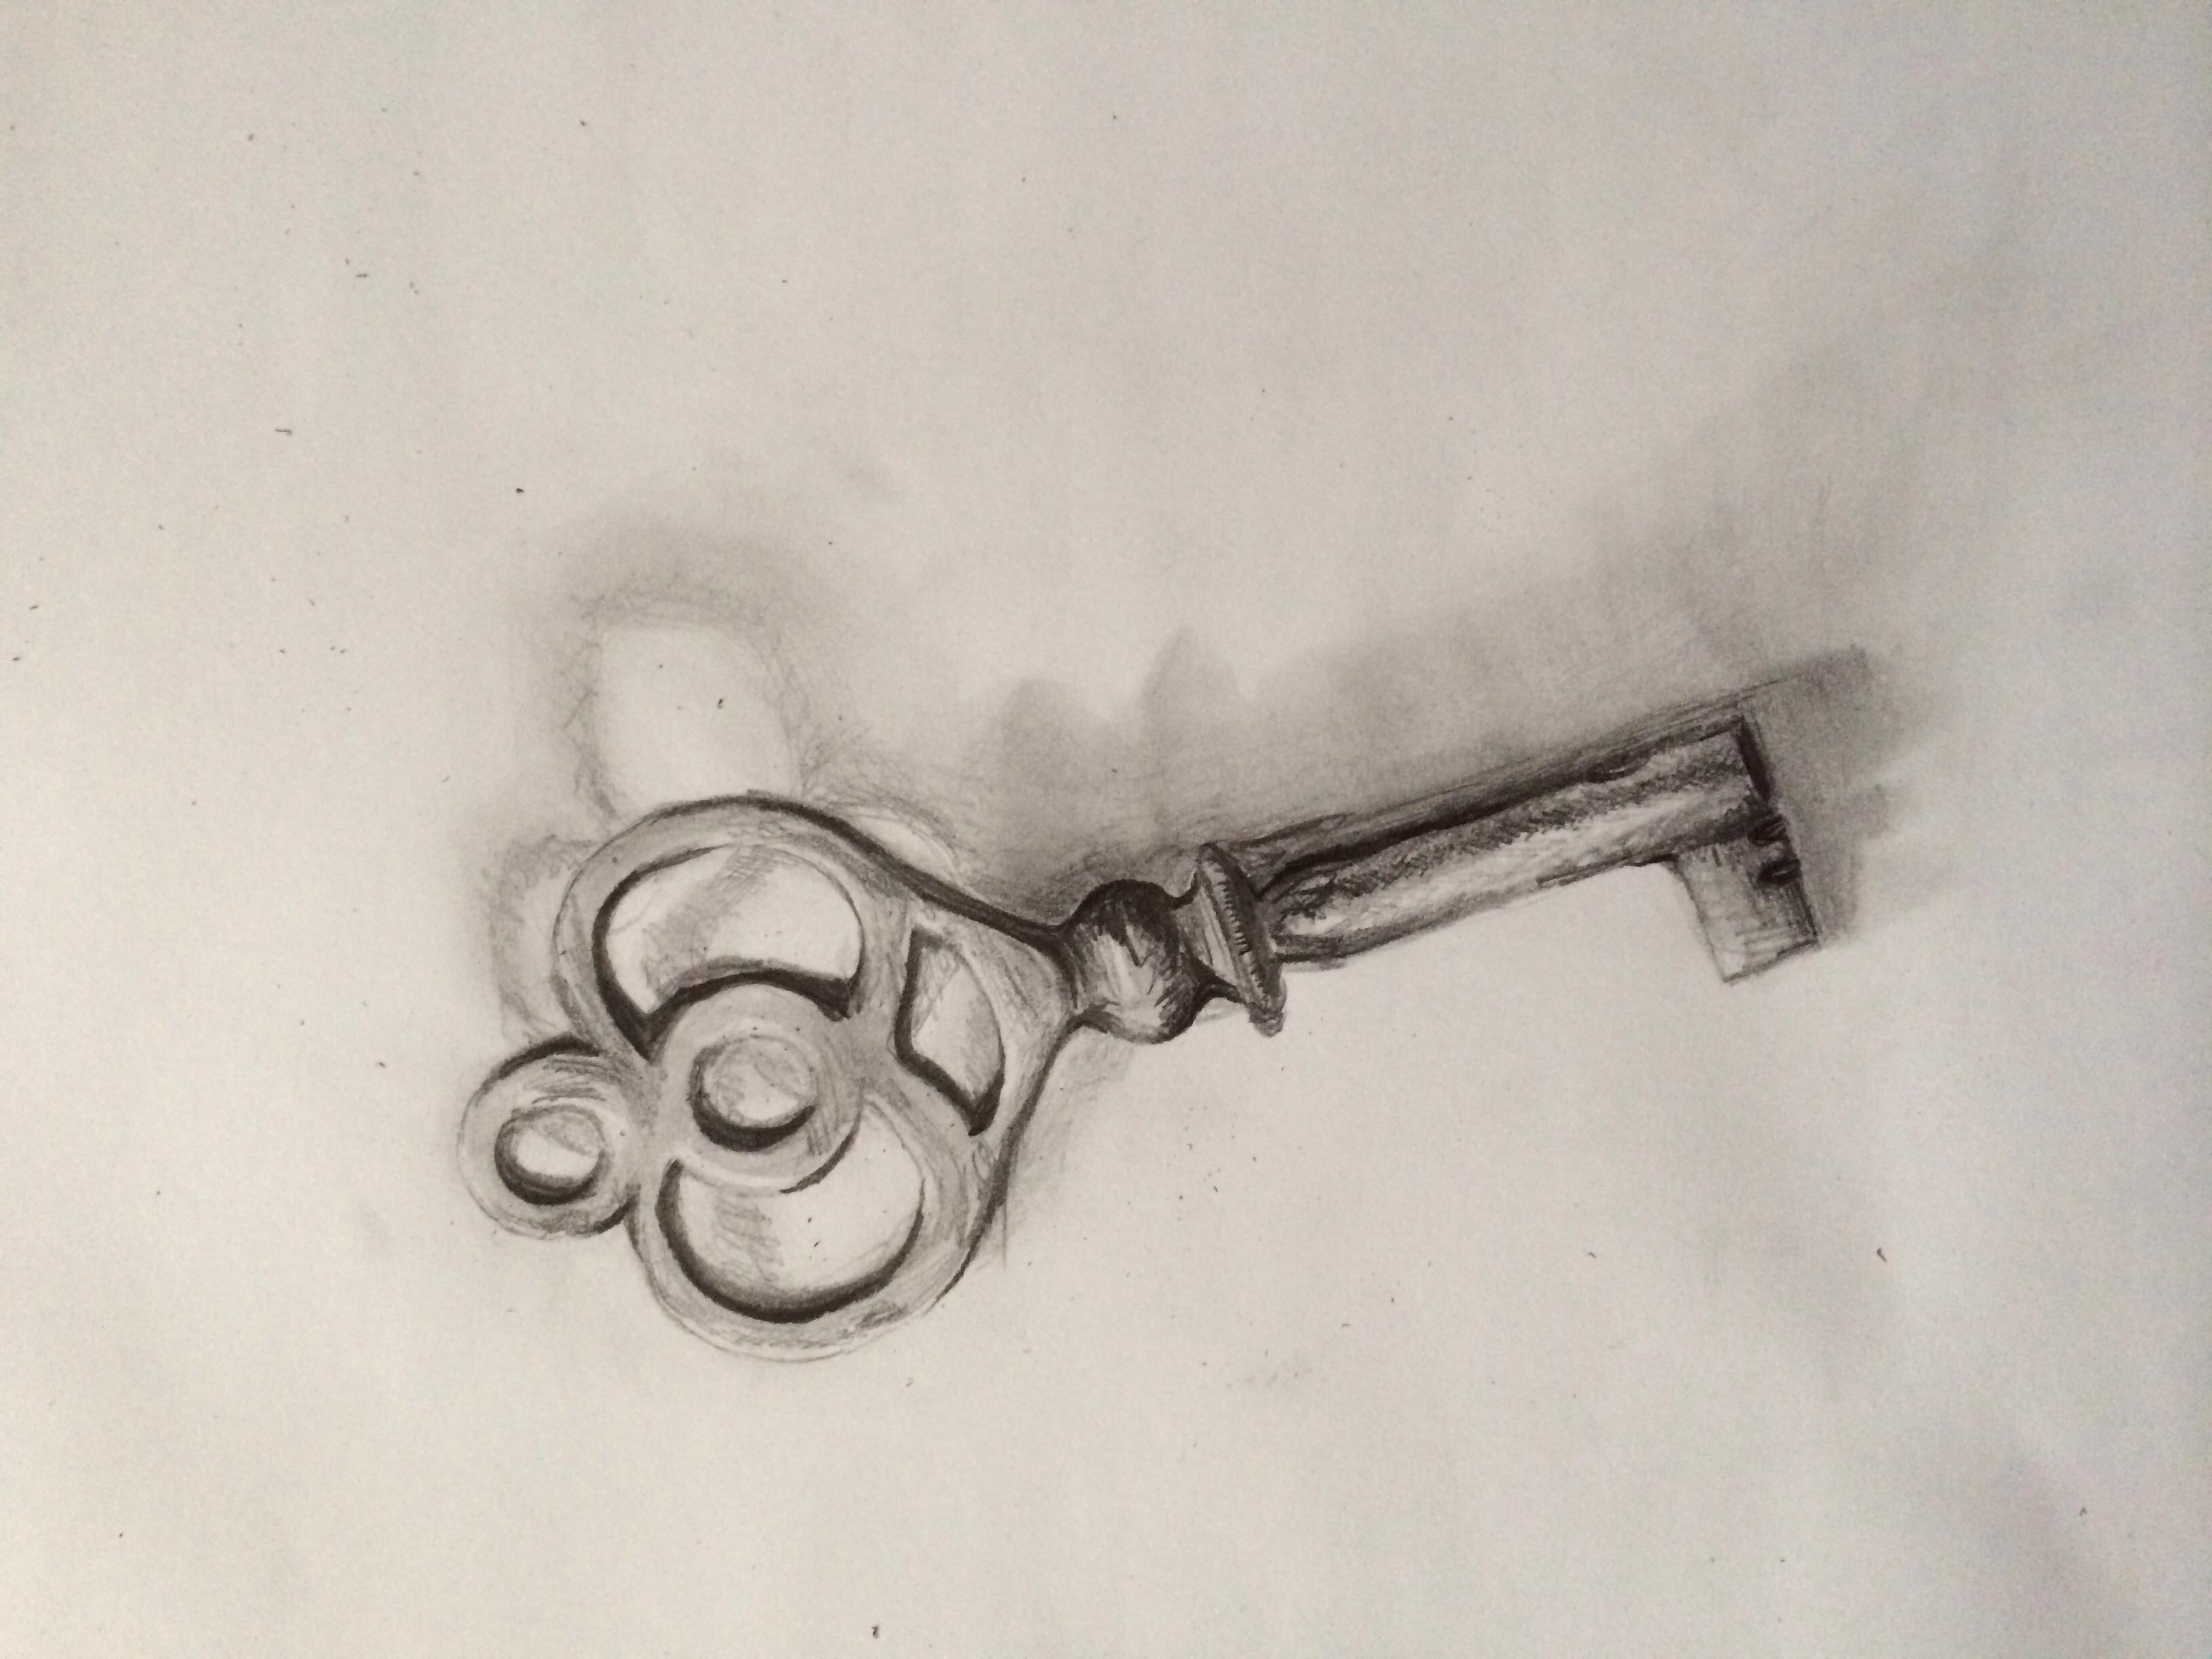 3264x2448 Pencil Drawing Of A Key My Art Art Drawings